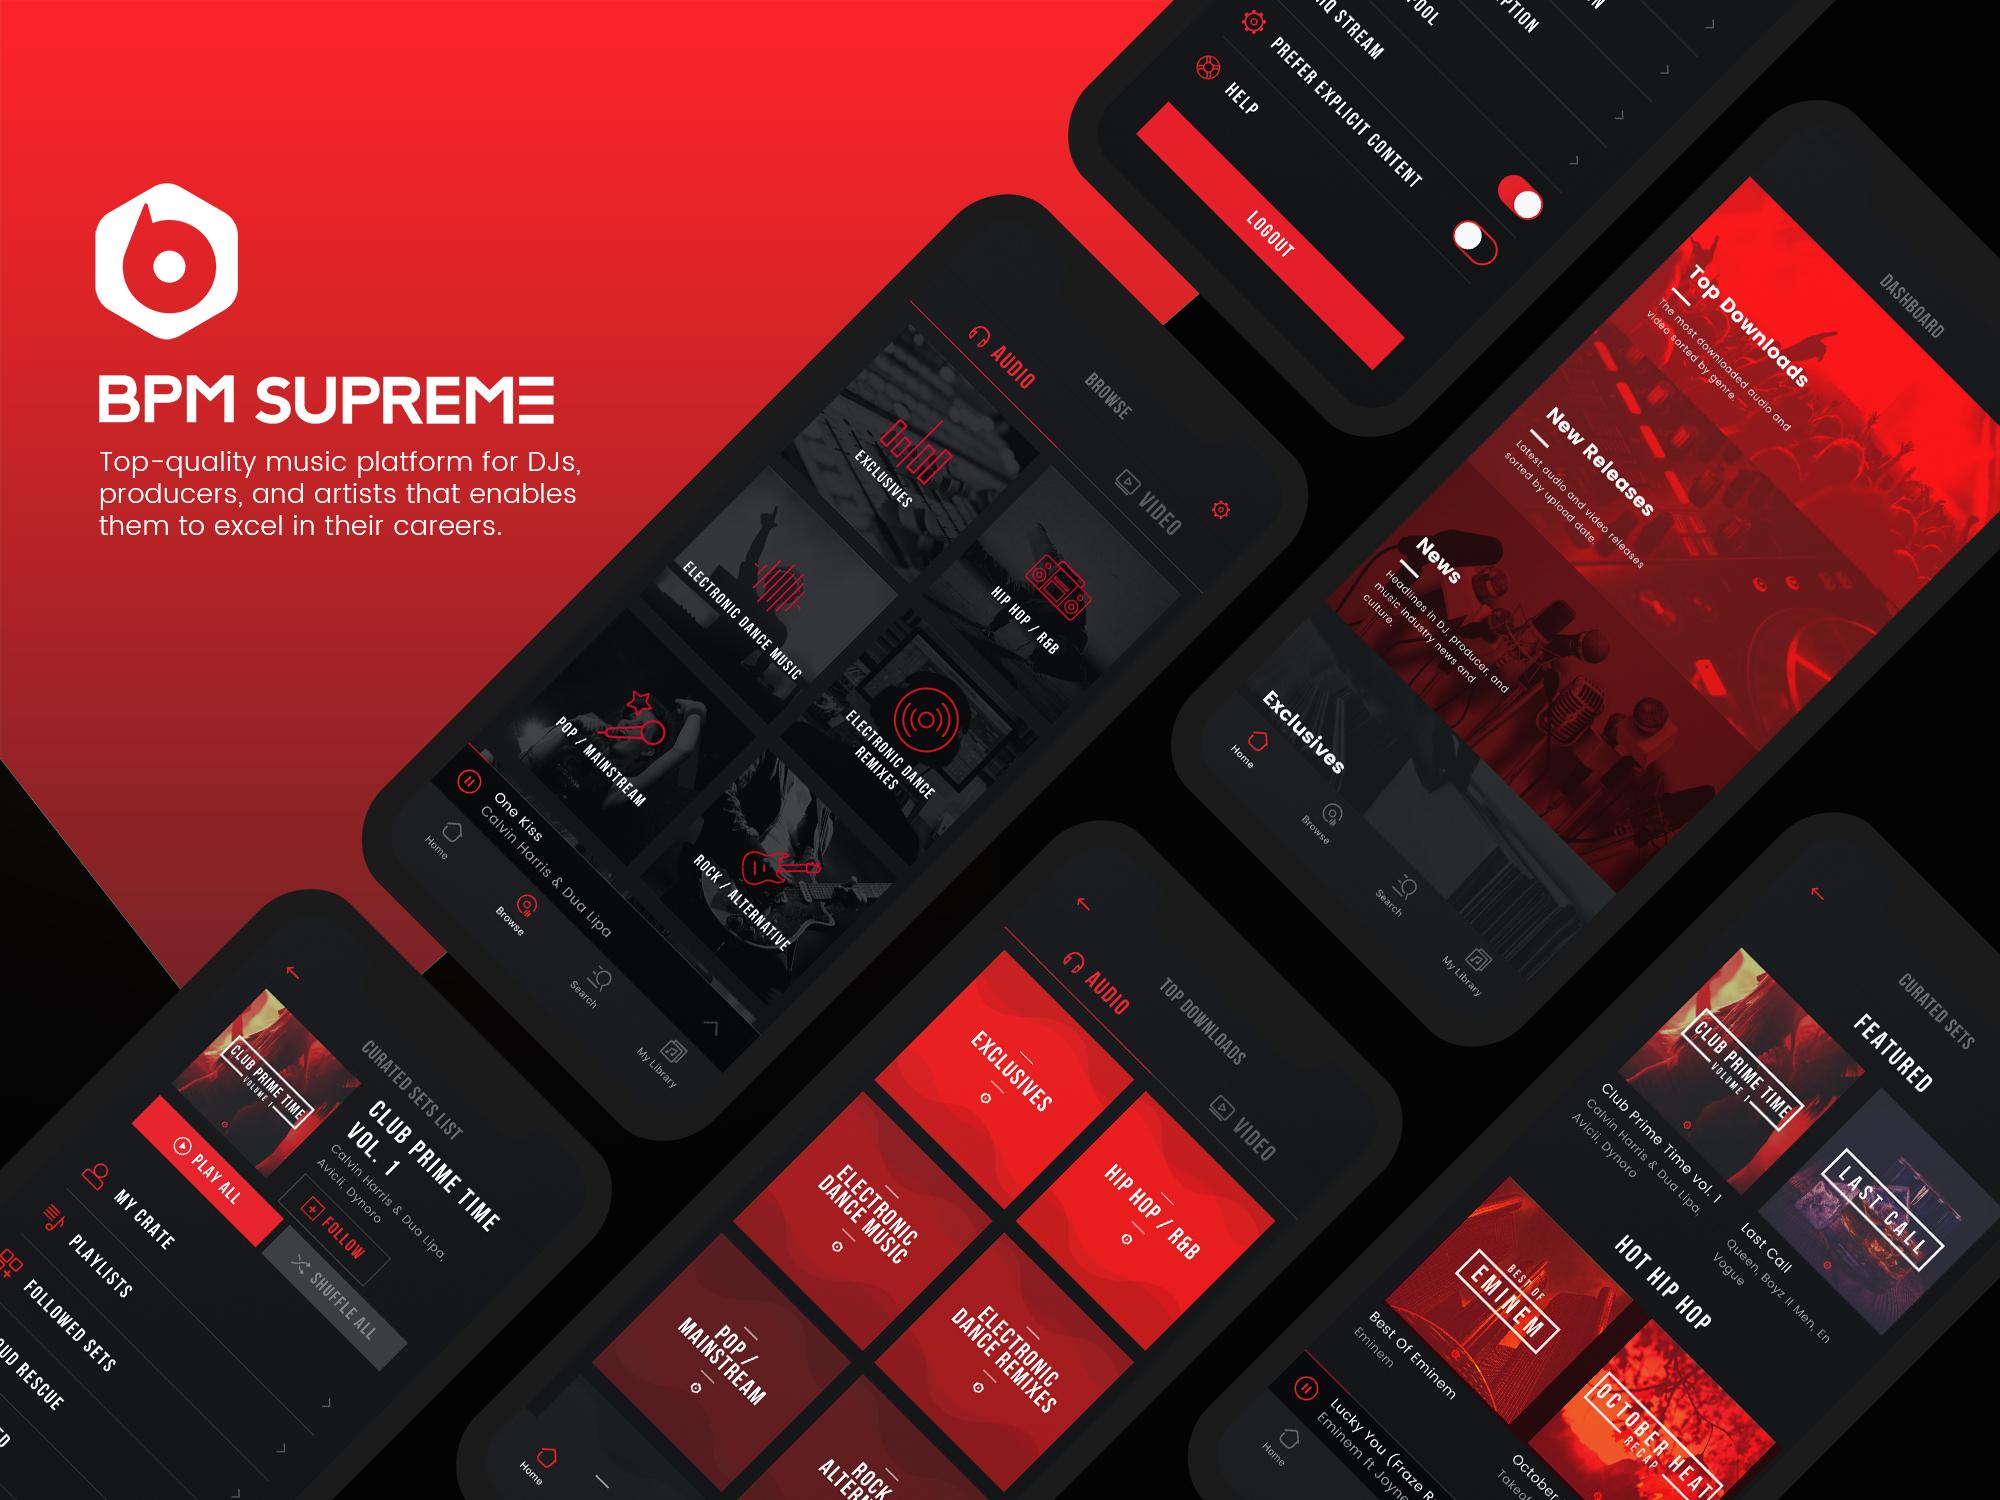 Bpm mobile app